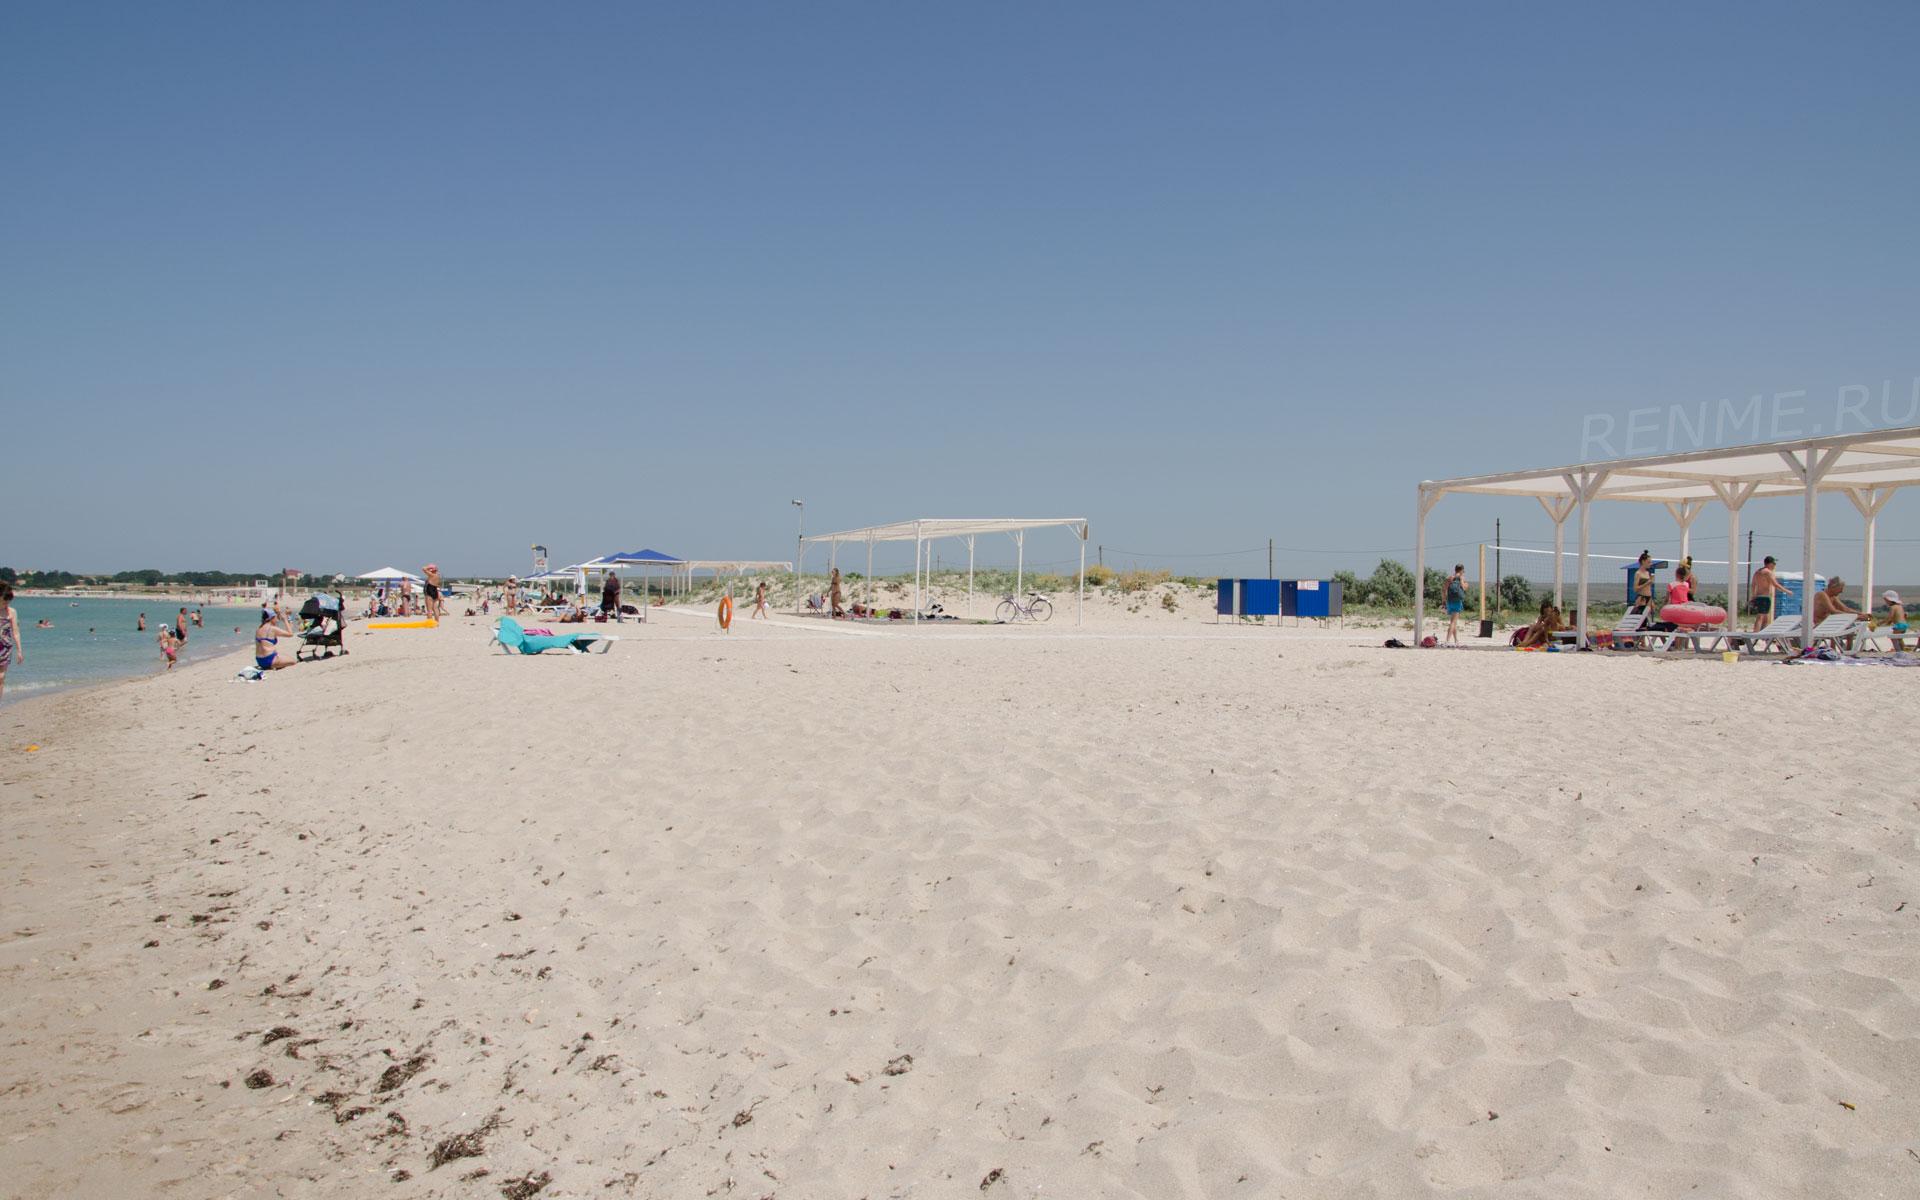 Лучший песчаный пляж России. Фото Оленевки